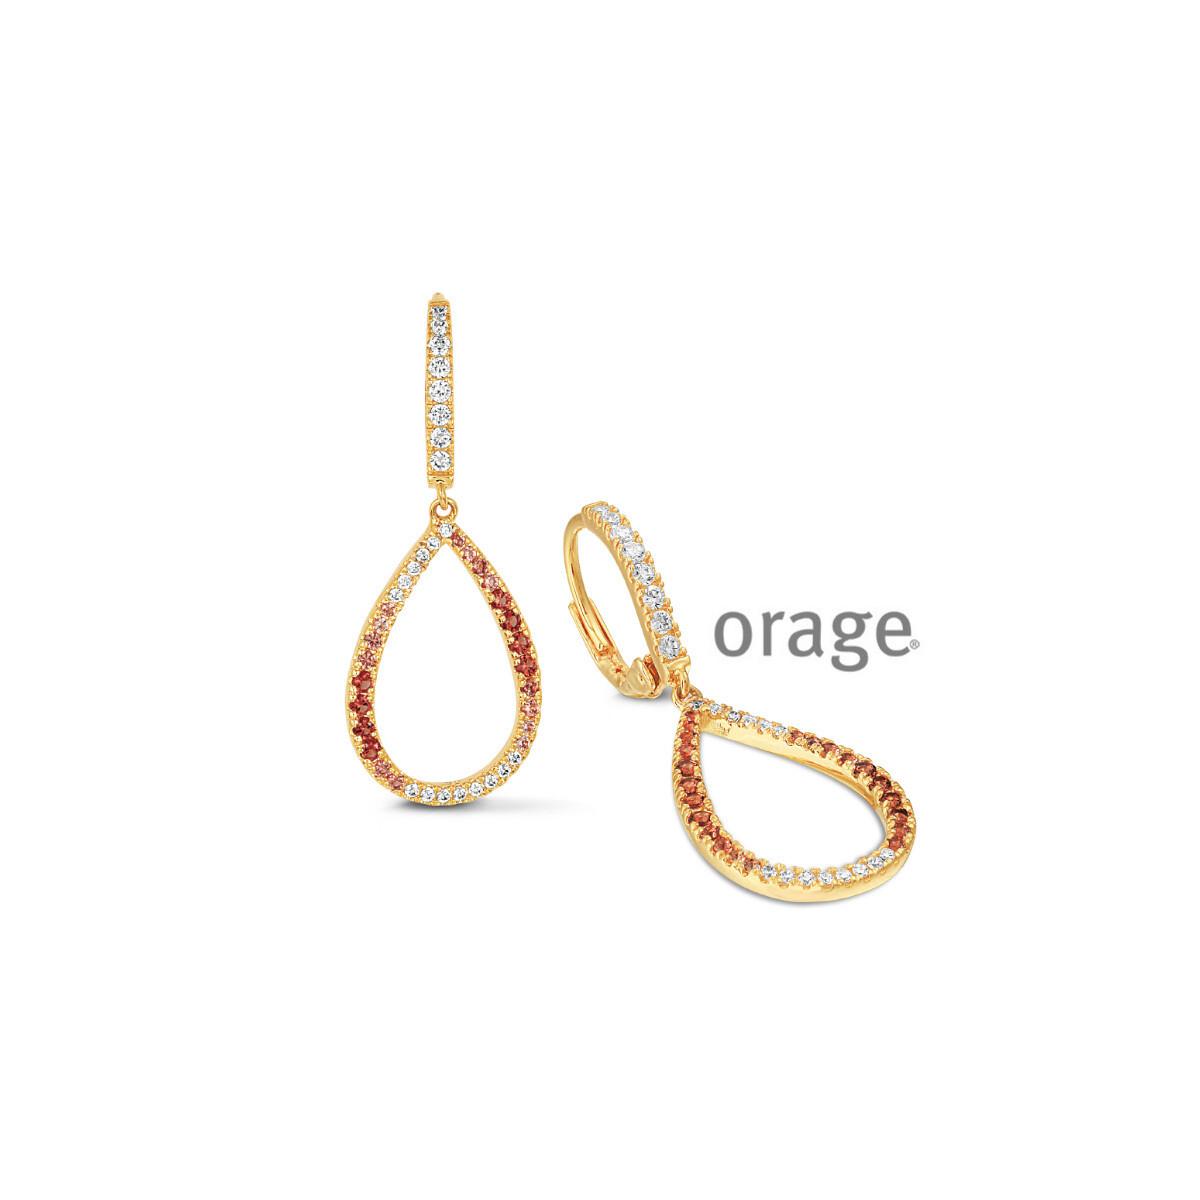 Boucles d'oreilles Orage V1445